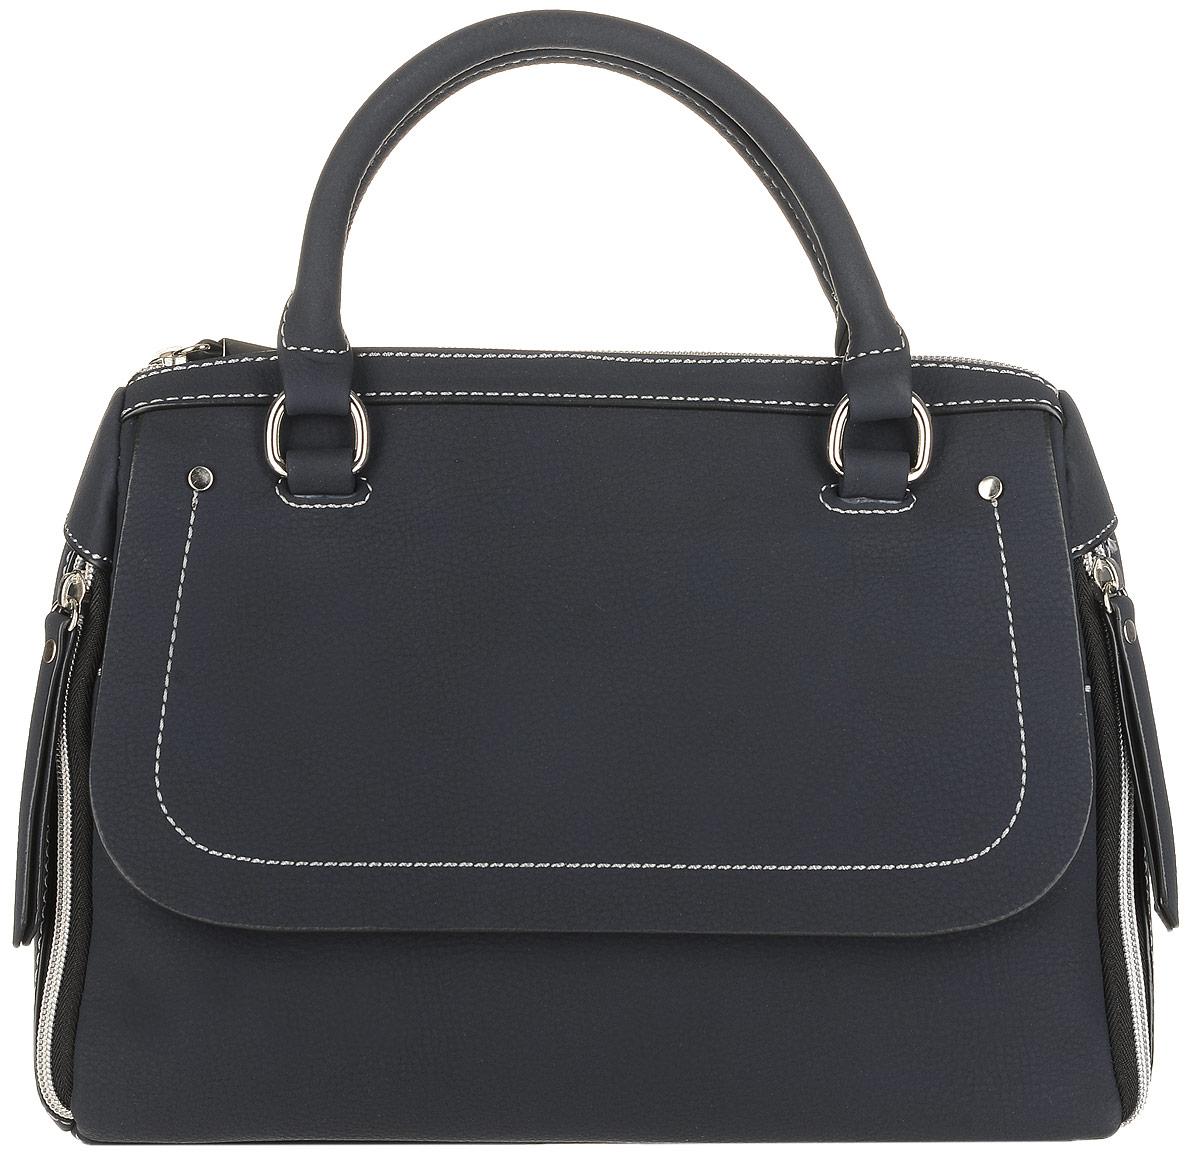 Сумка женская Jane Shilton, цвет: синий. 2292navy2292navyСтильная сумка на двух ручках и съемном ремне. Застежкой на молнию. Внутри разделитель, потайной кармашек на молнии и для мобильного телефона. Спереди карман. Высота ручек 12см.